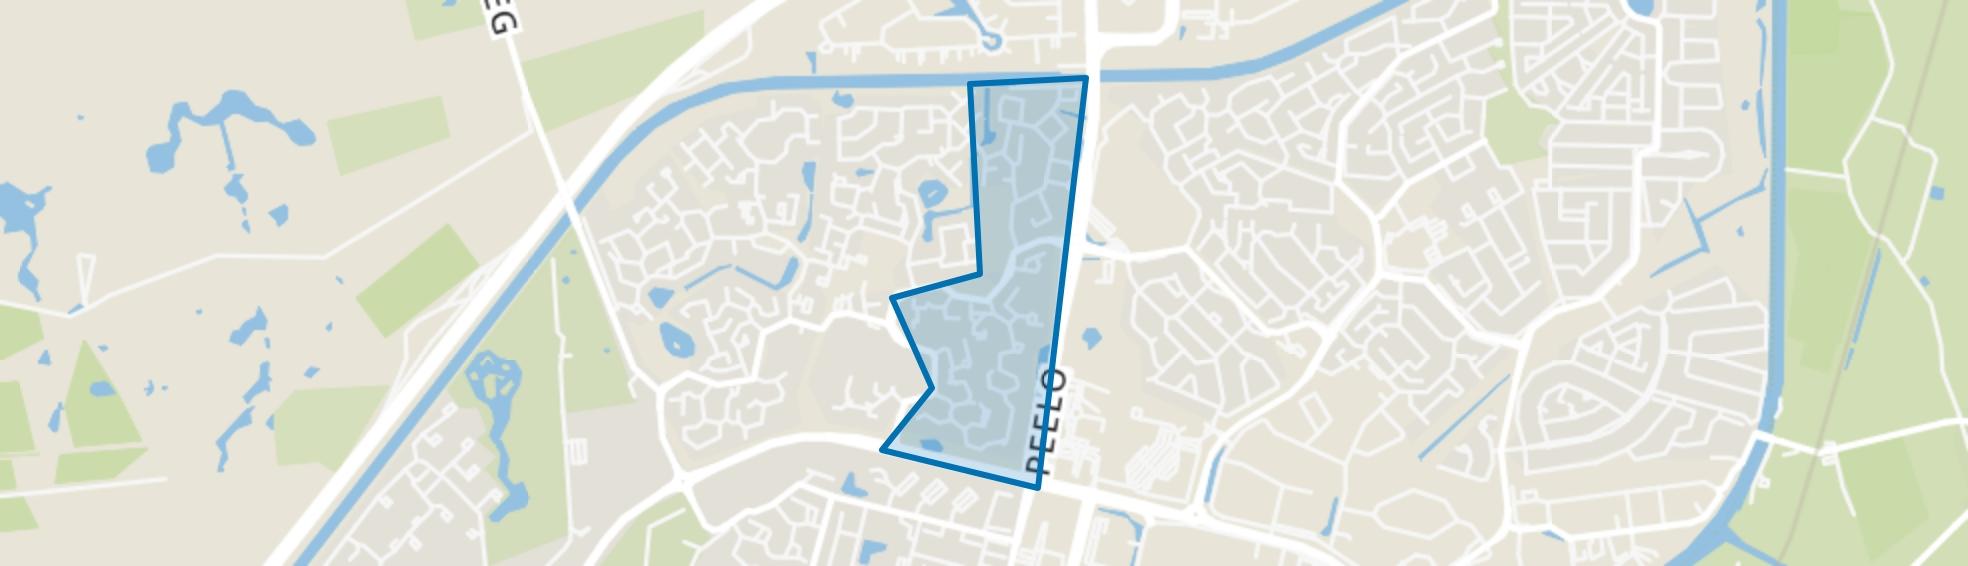 De Kampen/De Essen, Assen map